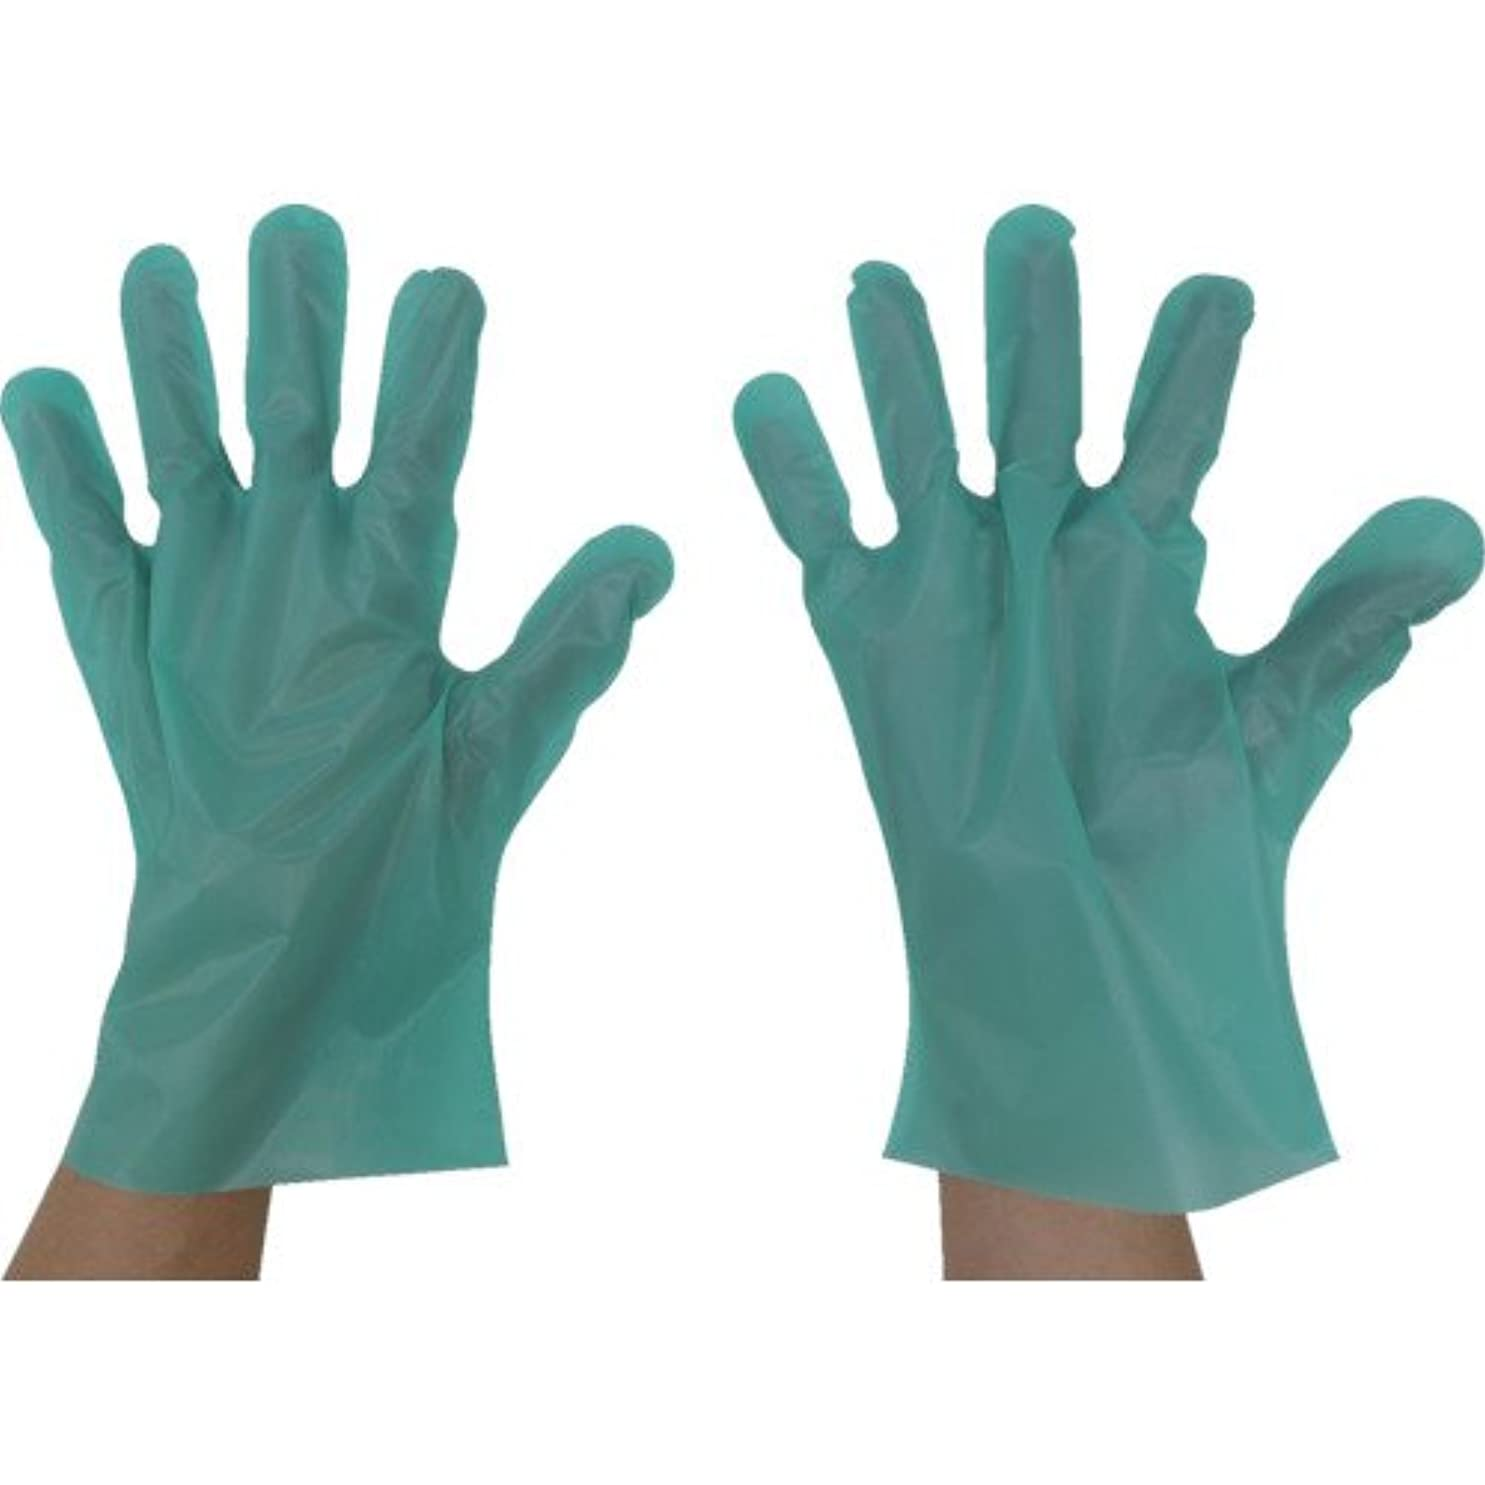 生理うなずく恐ろしいです東京パック エンボス手袋五本絞りエコノミー化粧箱S グリーン(入数:200枚) GEK-S